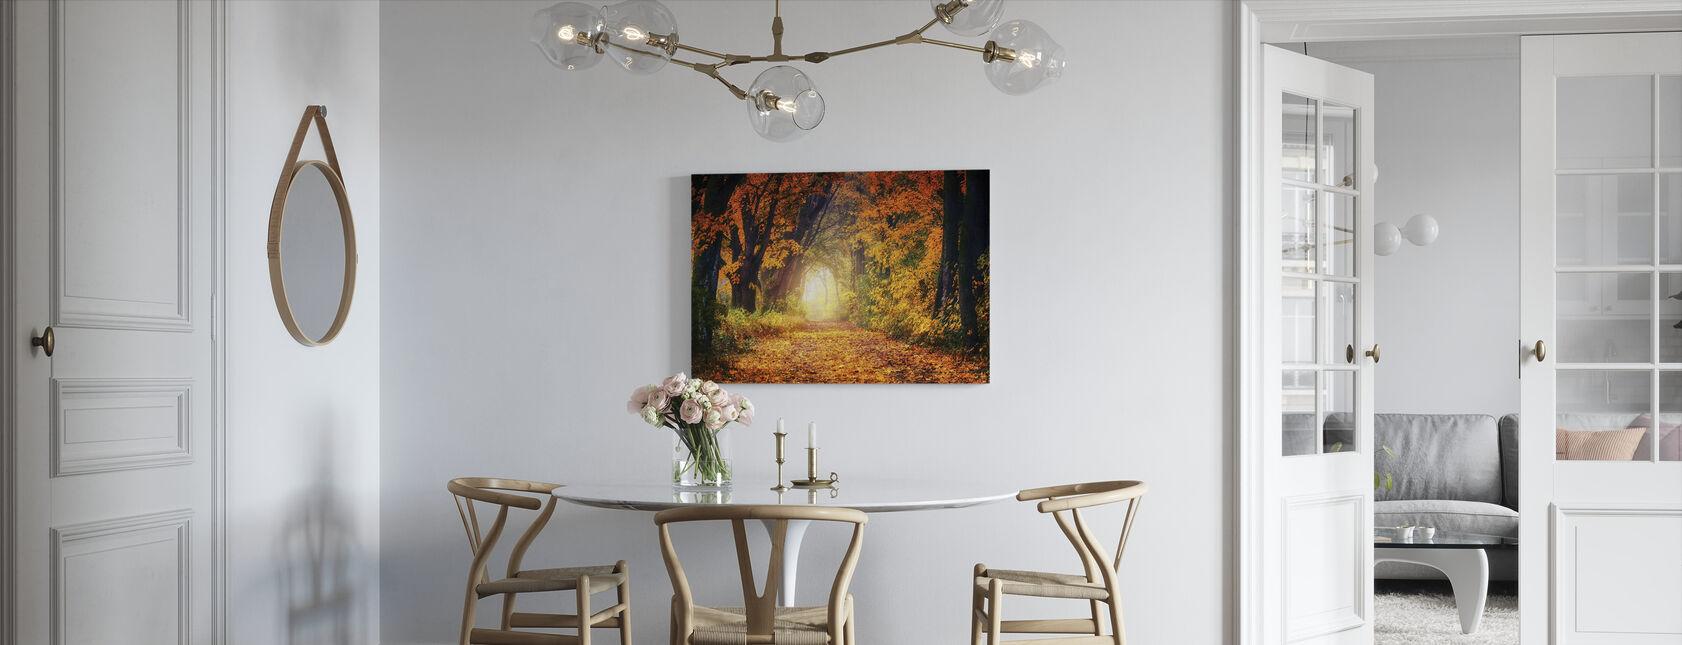 Forest Path - Canvas print - Kitchen